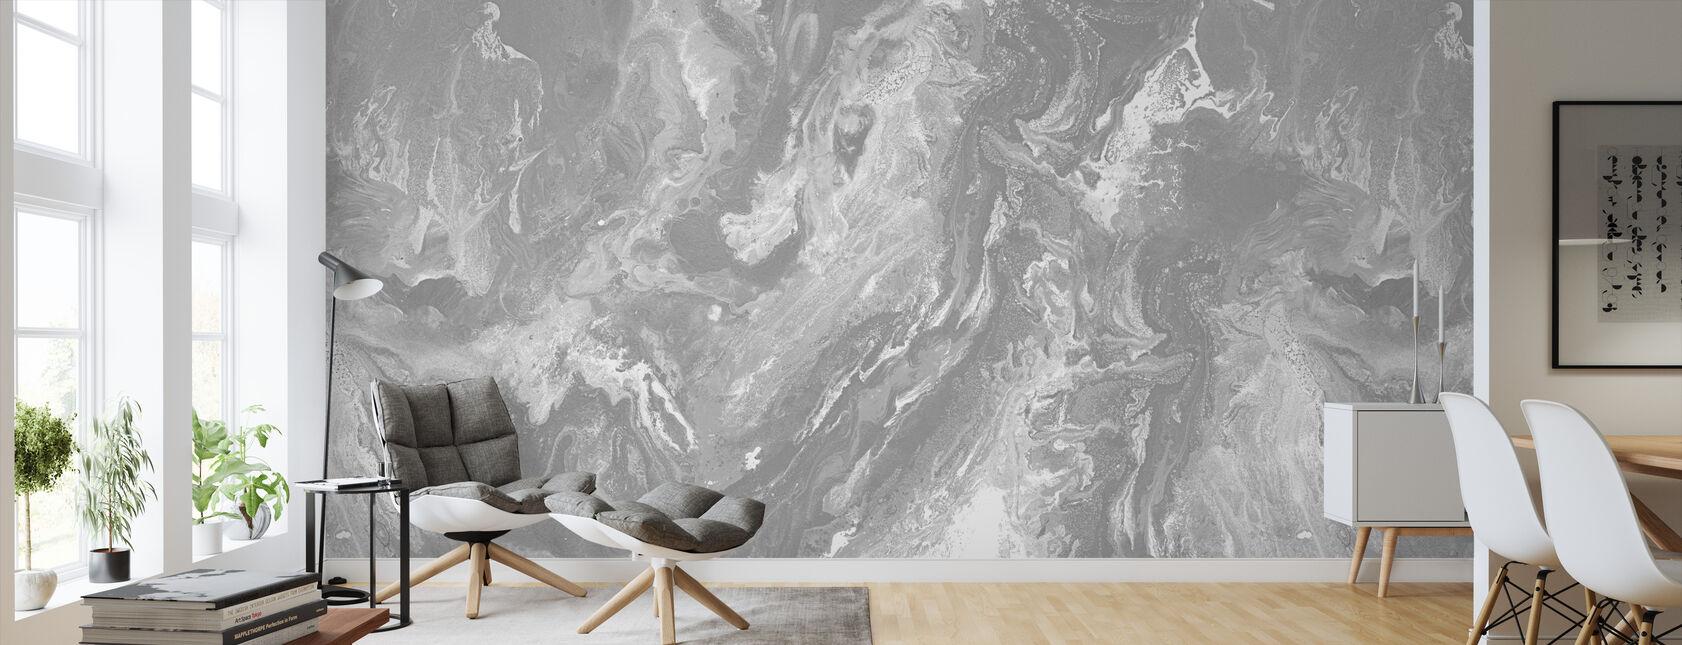 Brume - Granite - Behang - Woonkamer